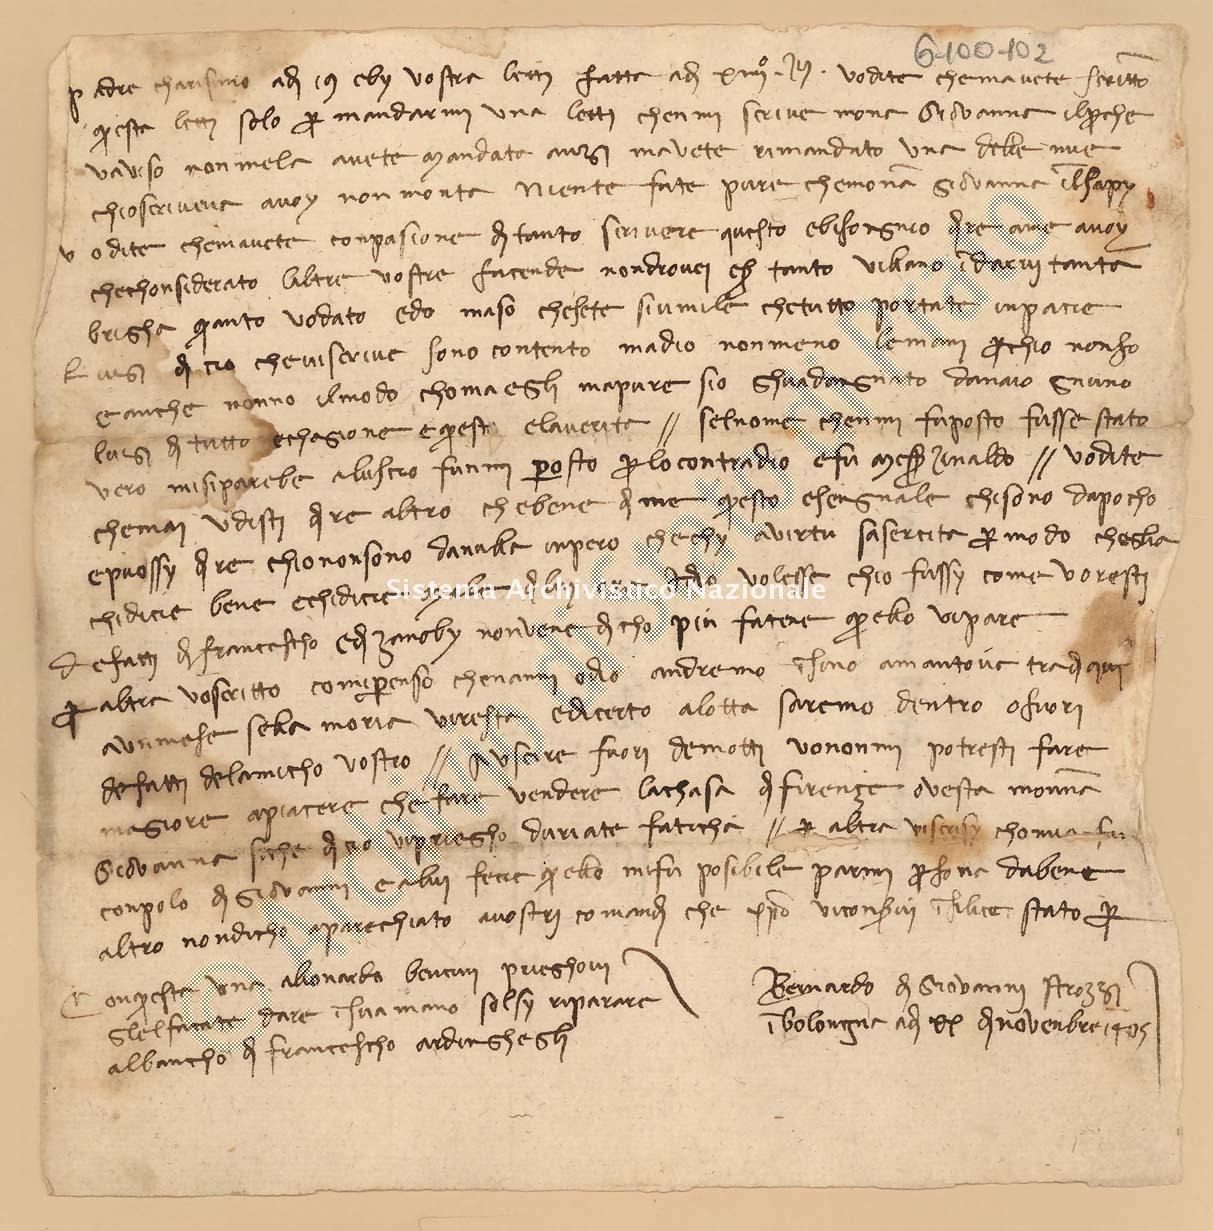 Archivio di Stato di Prato, Fondo Datini, Lettere di vari a Francesco Datini, 1103.6 Lettere Di Strozzi Bernardo Di Giovanni a Datini Francesco Di Marco (busta 1103, inserto 6, codice 6100102)